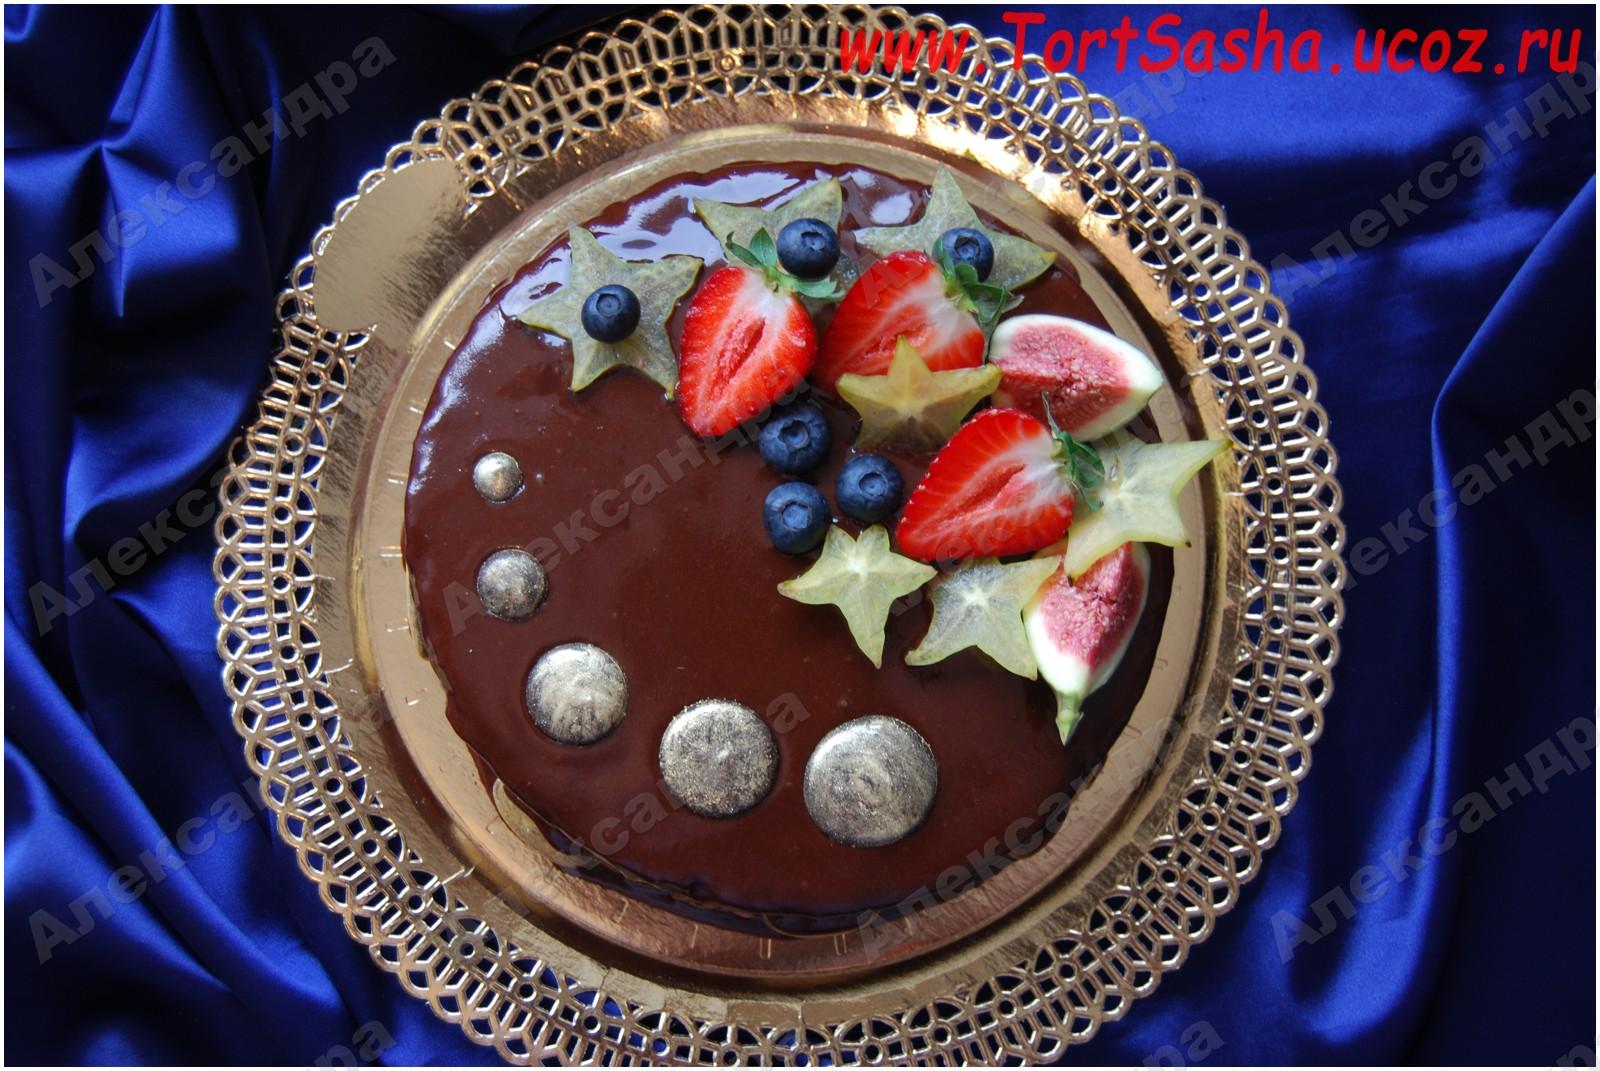 Украшение шоколадного торта фруктами фото